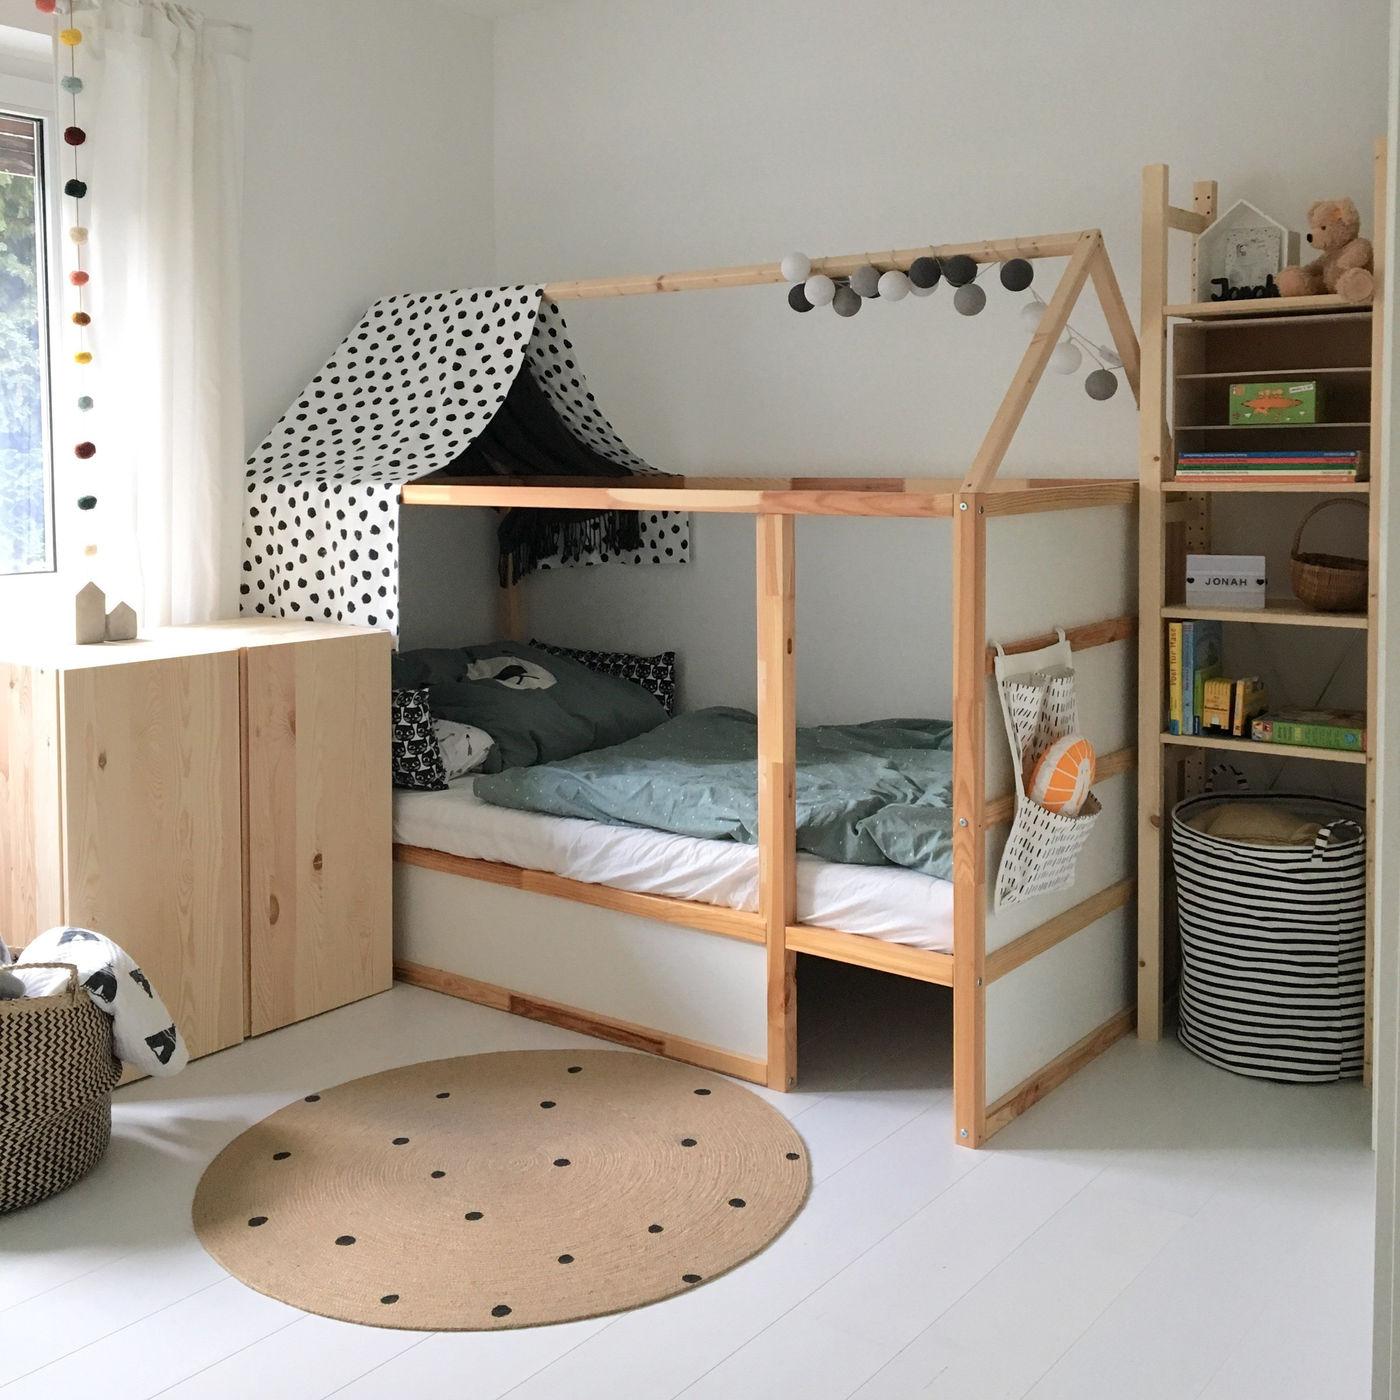 Full Size of Einrichtung Kinderzimmer Schnsten Ideen Fr Dein Regal Regale Weiß Sofa Kinderzimmer Einrichtung Kinderzimmer